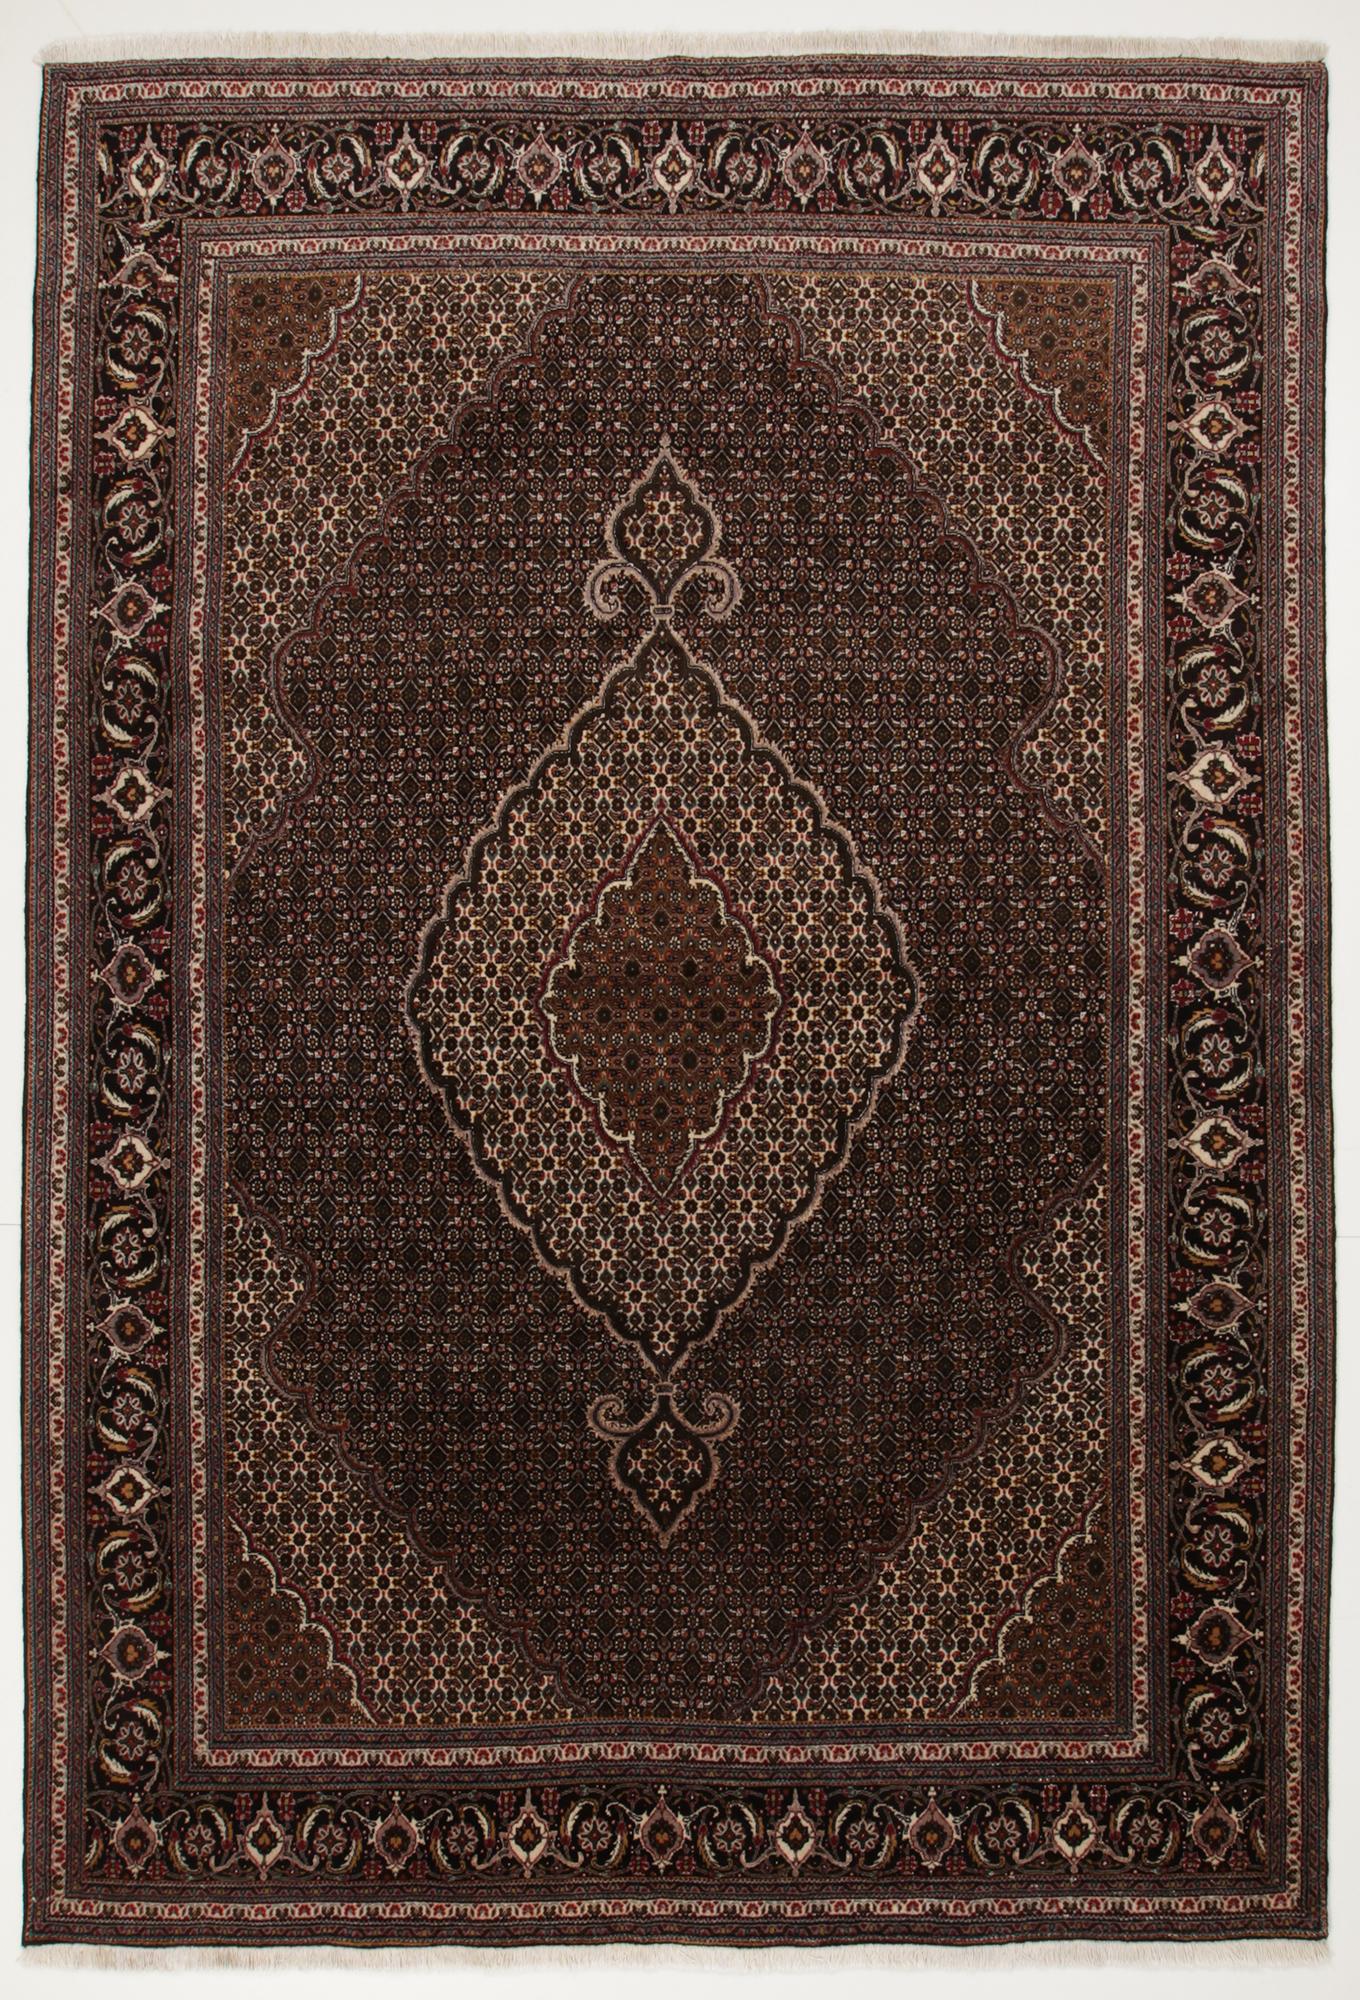 Persisk Tabriz 298 x 202 cm - Persisk Tabriz 298 x 202 cm. Håndknyttet uld på bomuld